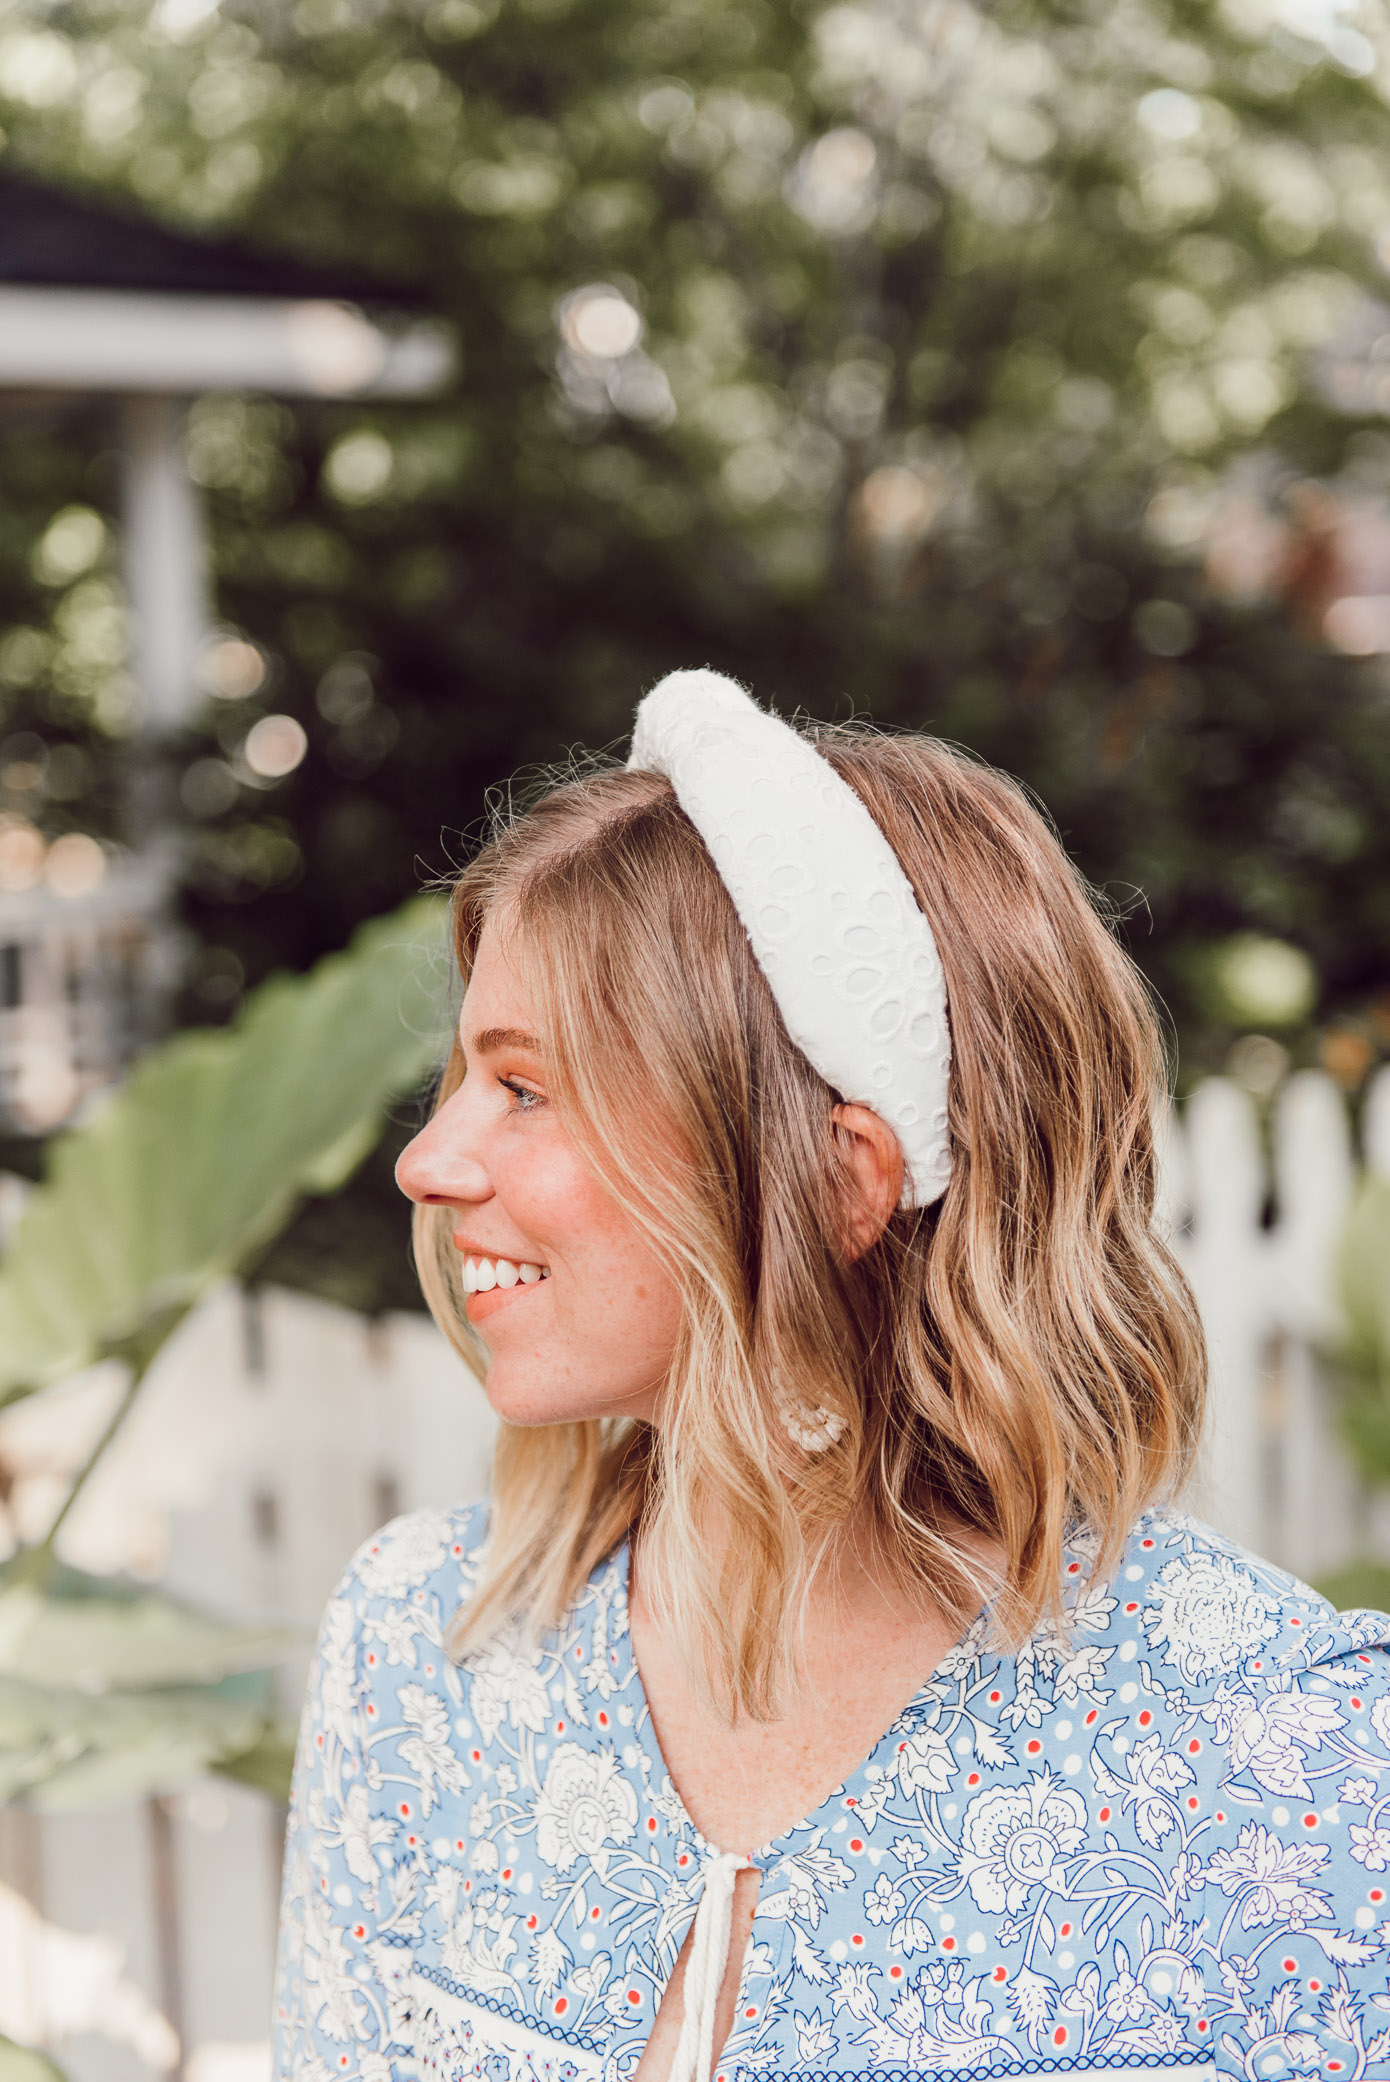 White Eyelet Headband, How to Style Lele Sadoughi Headbands | Louella Reese